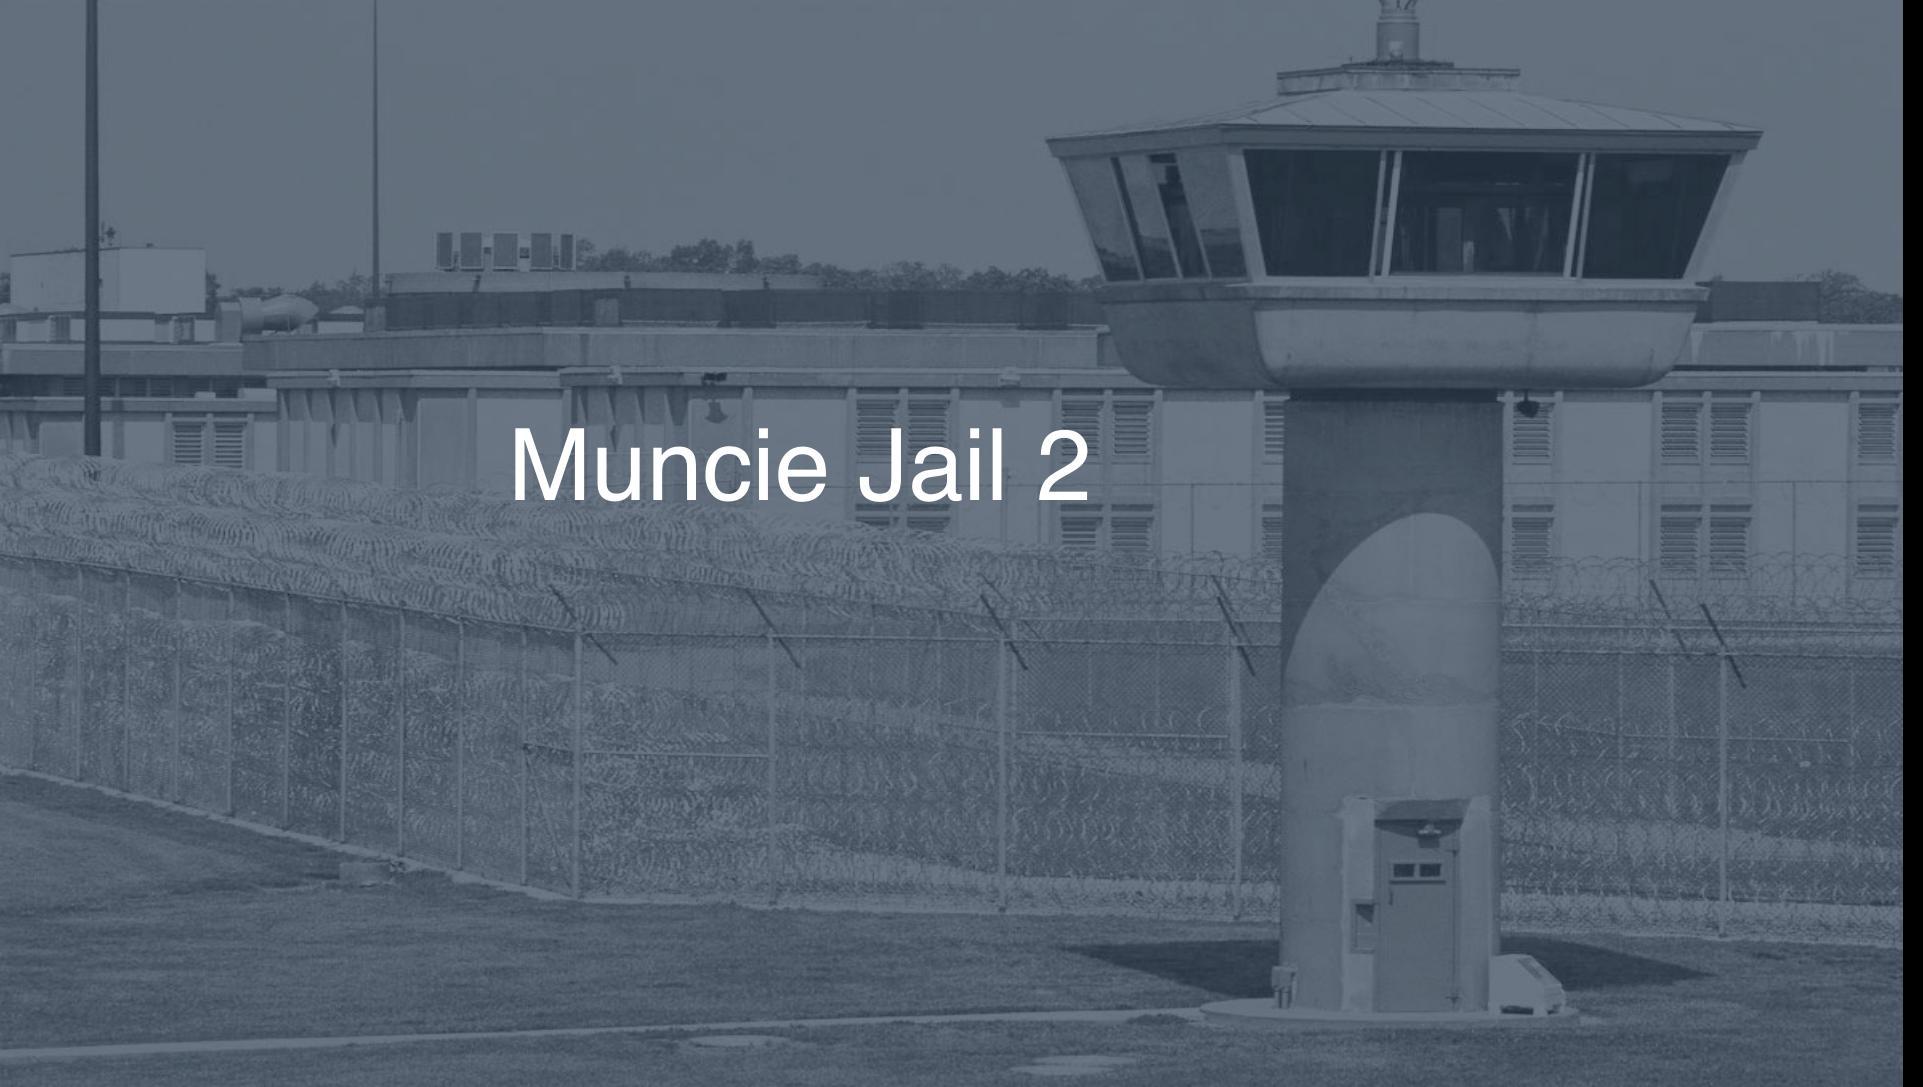 Inmate lookup app